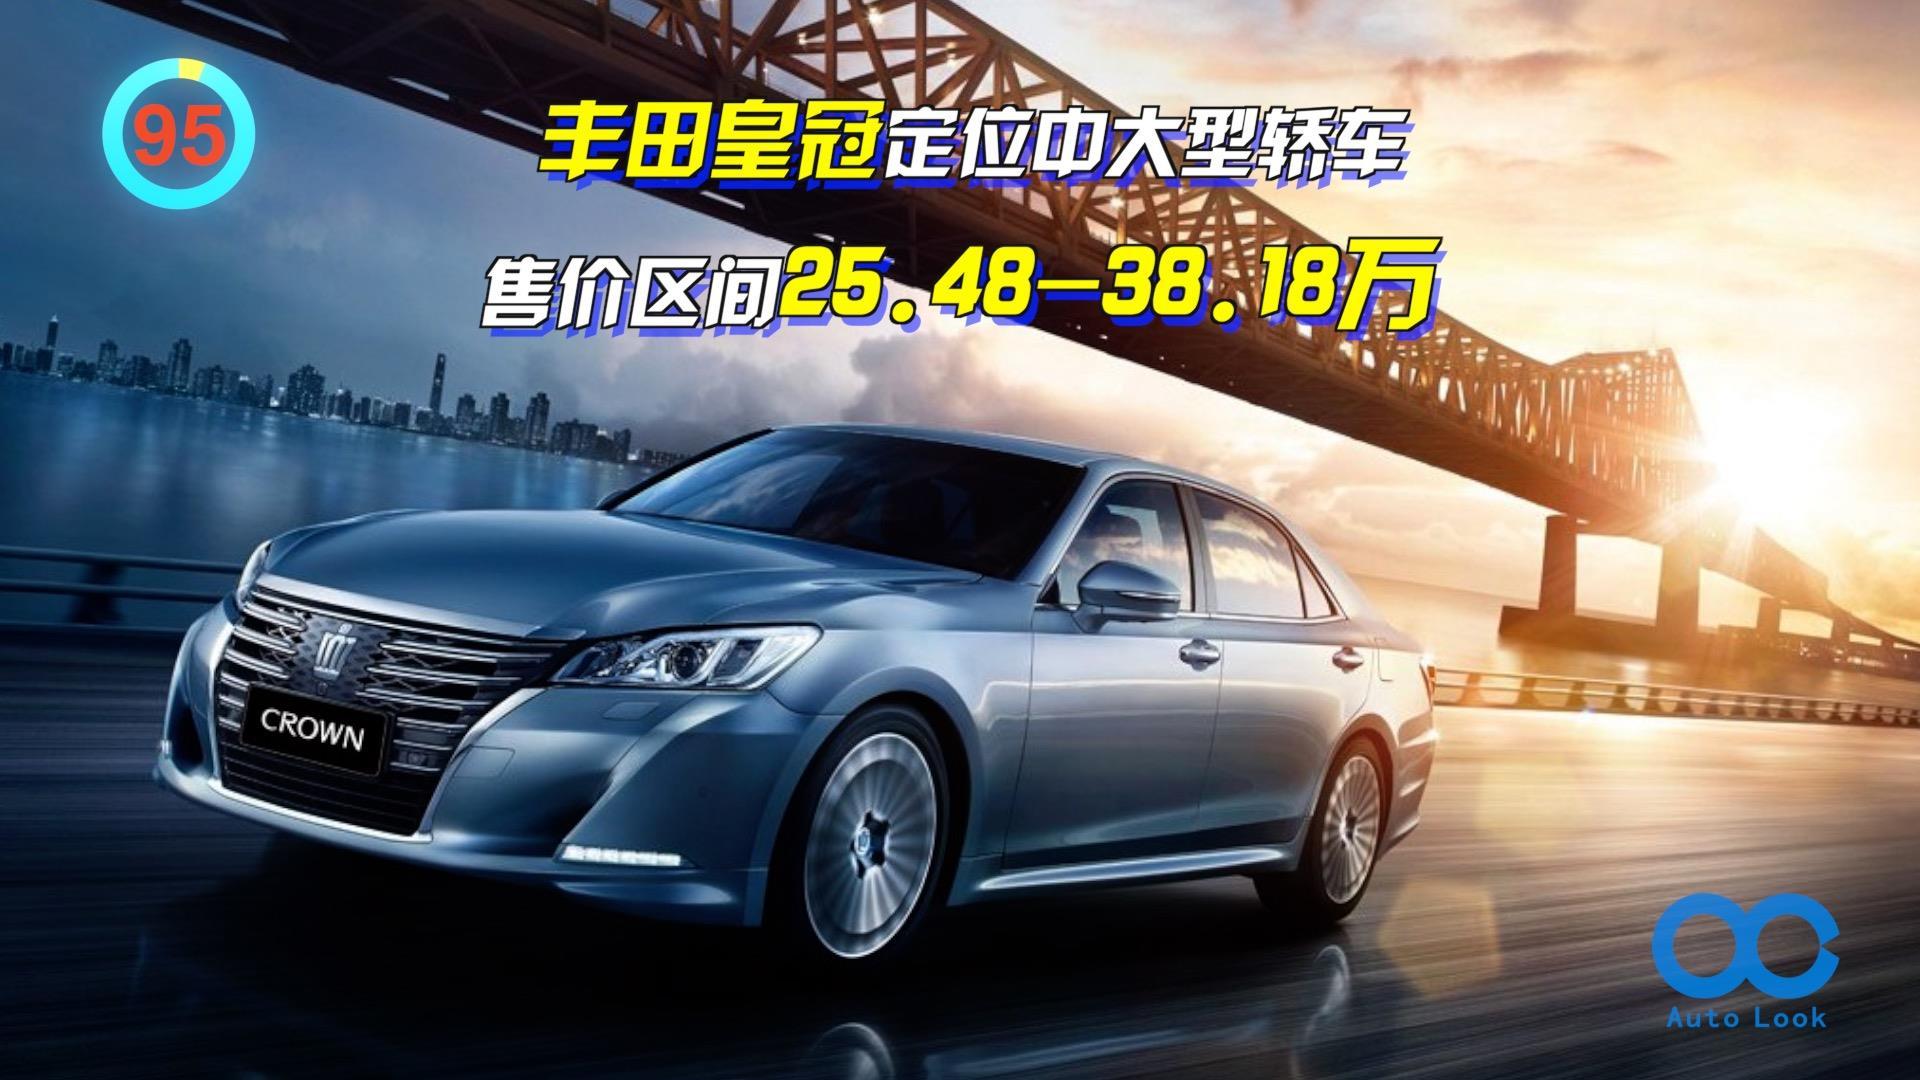 「百秒看车」丰田皇冠 明年将停产  一代神车终成情怀